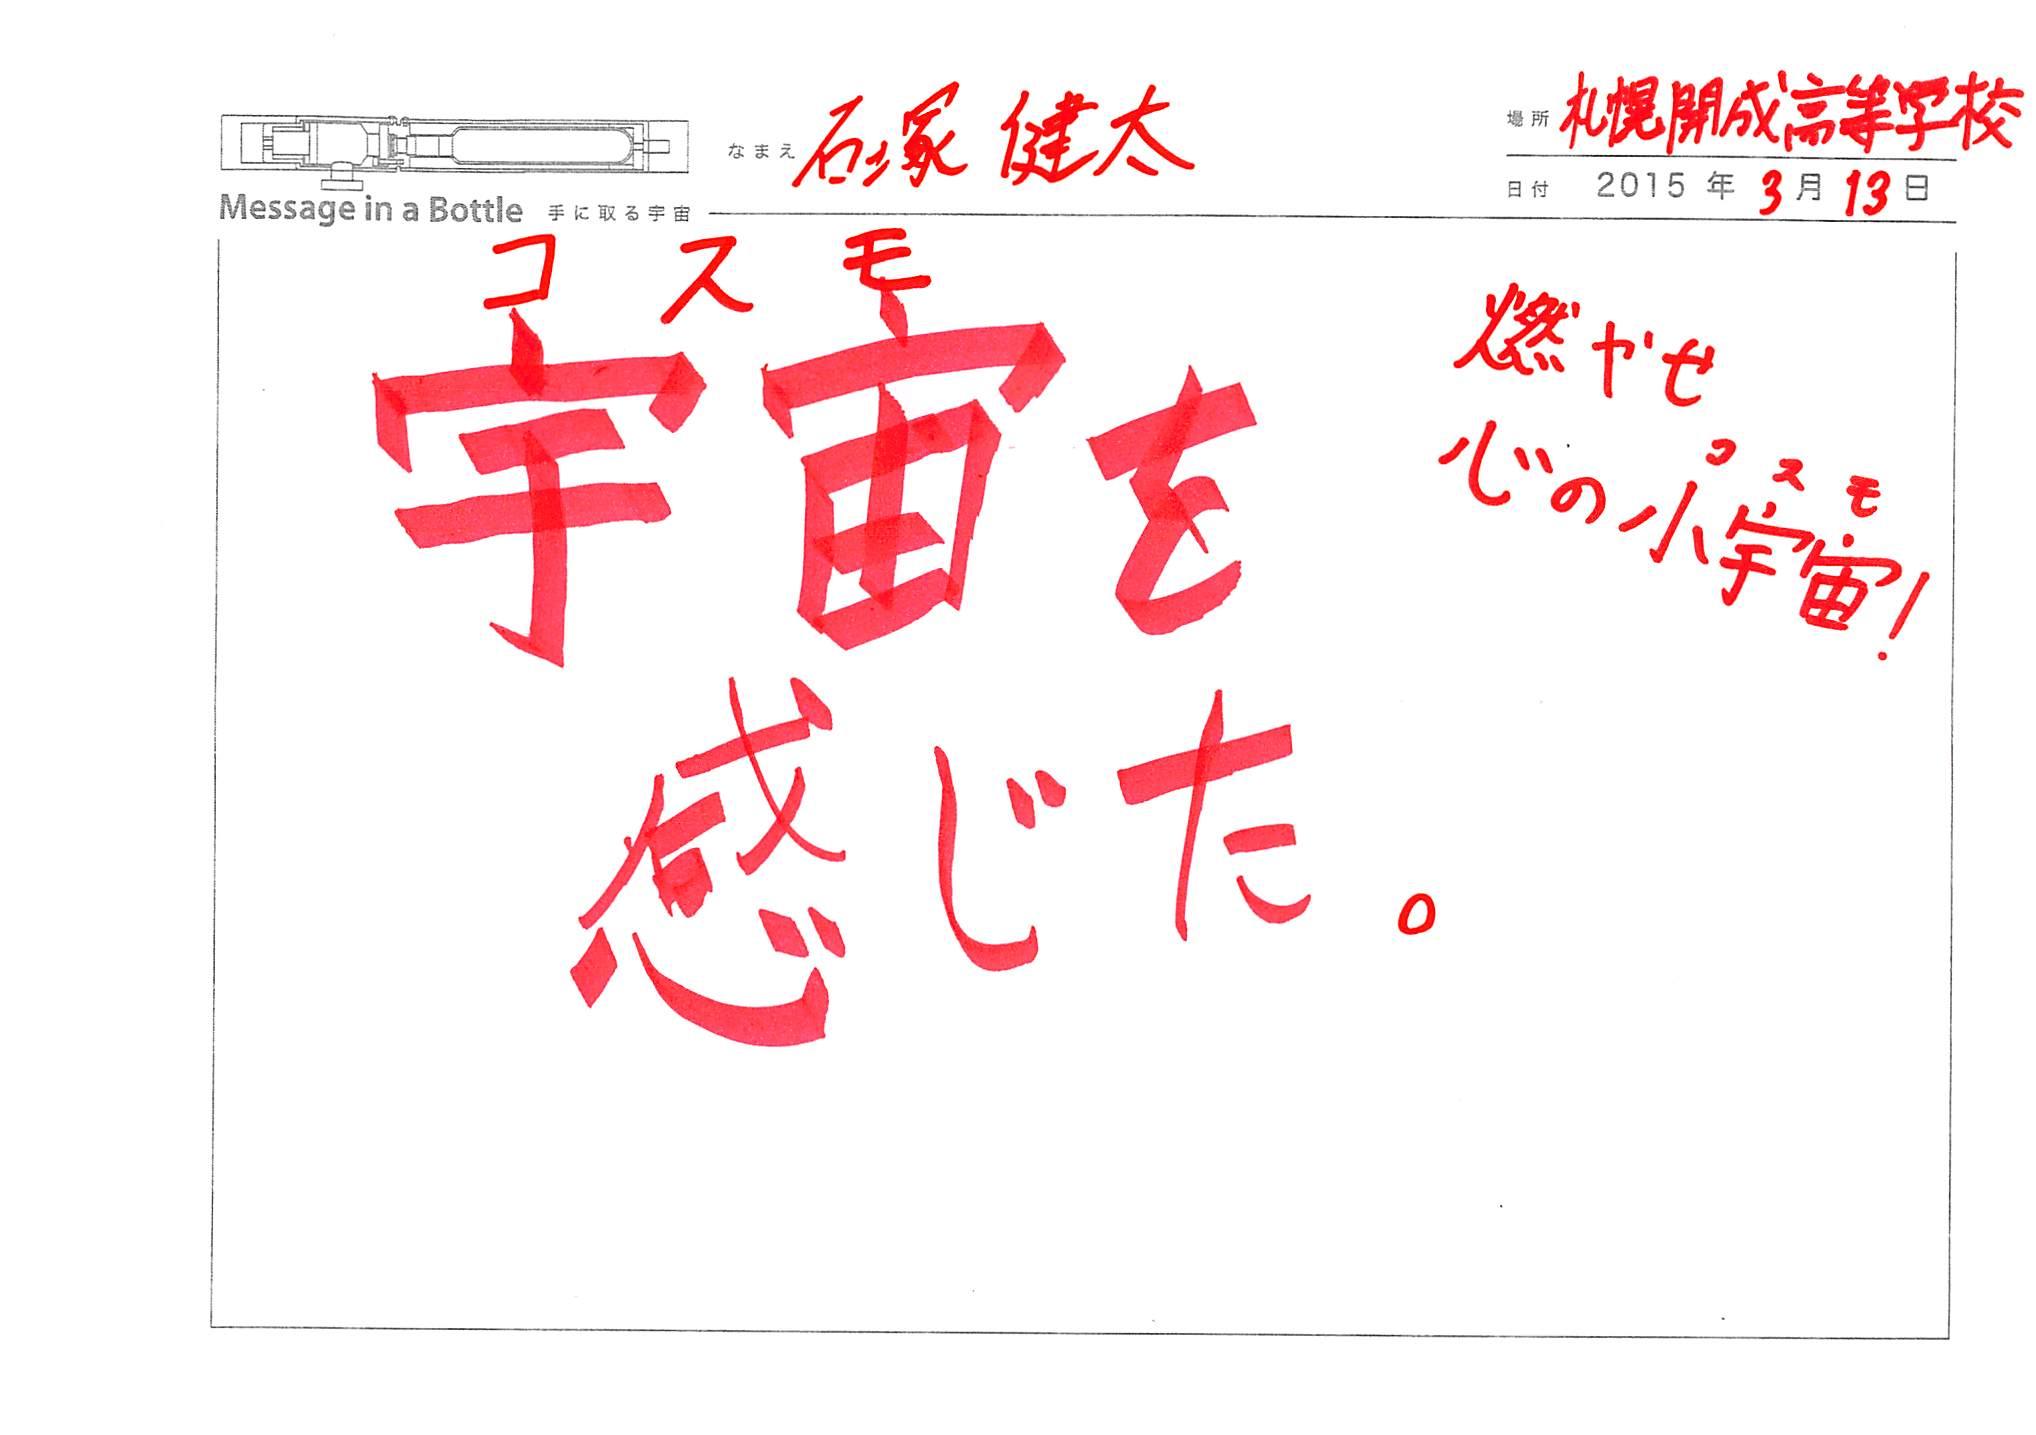 2015-03-13-16-33-01.jpg